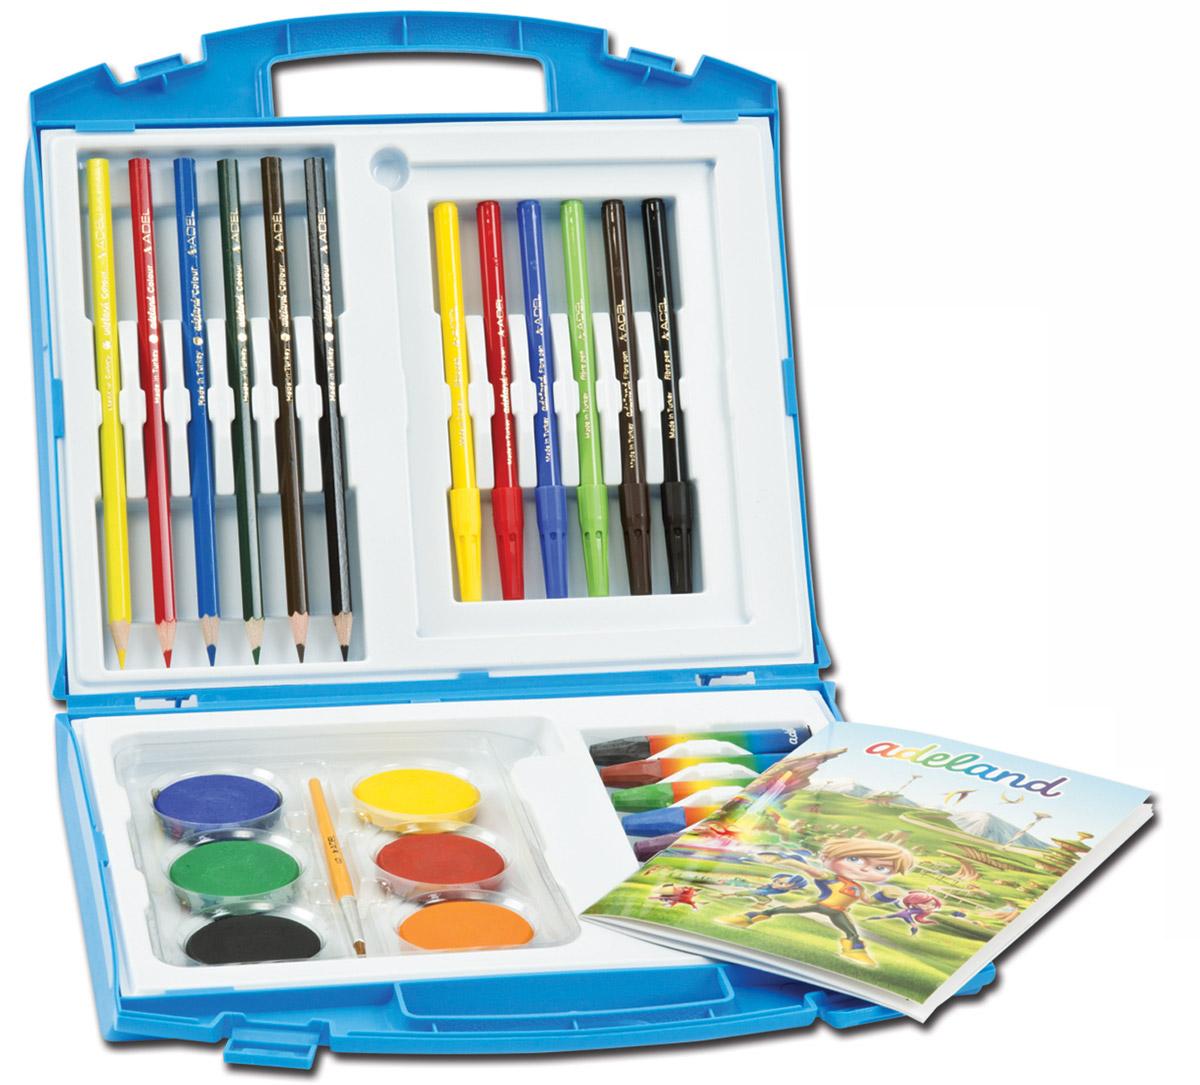 Adel Набор для рисования Adeland Adfun72523WDНабор для рисования Adel Adeland Adfun - прекрасный комплект для юного художника. Все принадлжености хранятся в удобном пластиковом чемоданчике. Разноцветные карандаши, краски, пастельные мелки и фломастеры помогут вашему малышу познакомится с различными художественными стилями и выбрать наиболее понравившийся. А воплотить все задумки поможет альбом для рисования, который также входит в комплект.Краски не содержат токсичных веществ, поэтому совершенно безопасны для здоровья вашего ребенка.Не рекомендуется детям до 3-х лет.